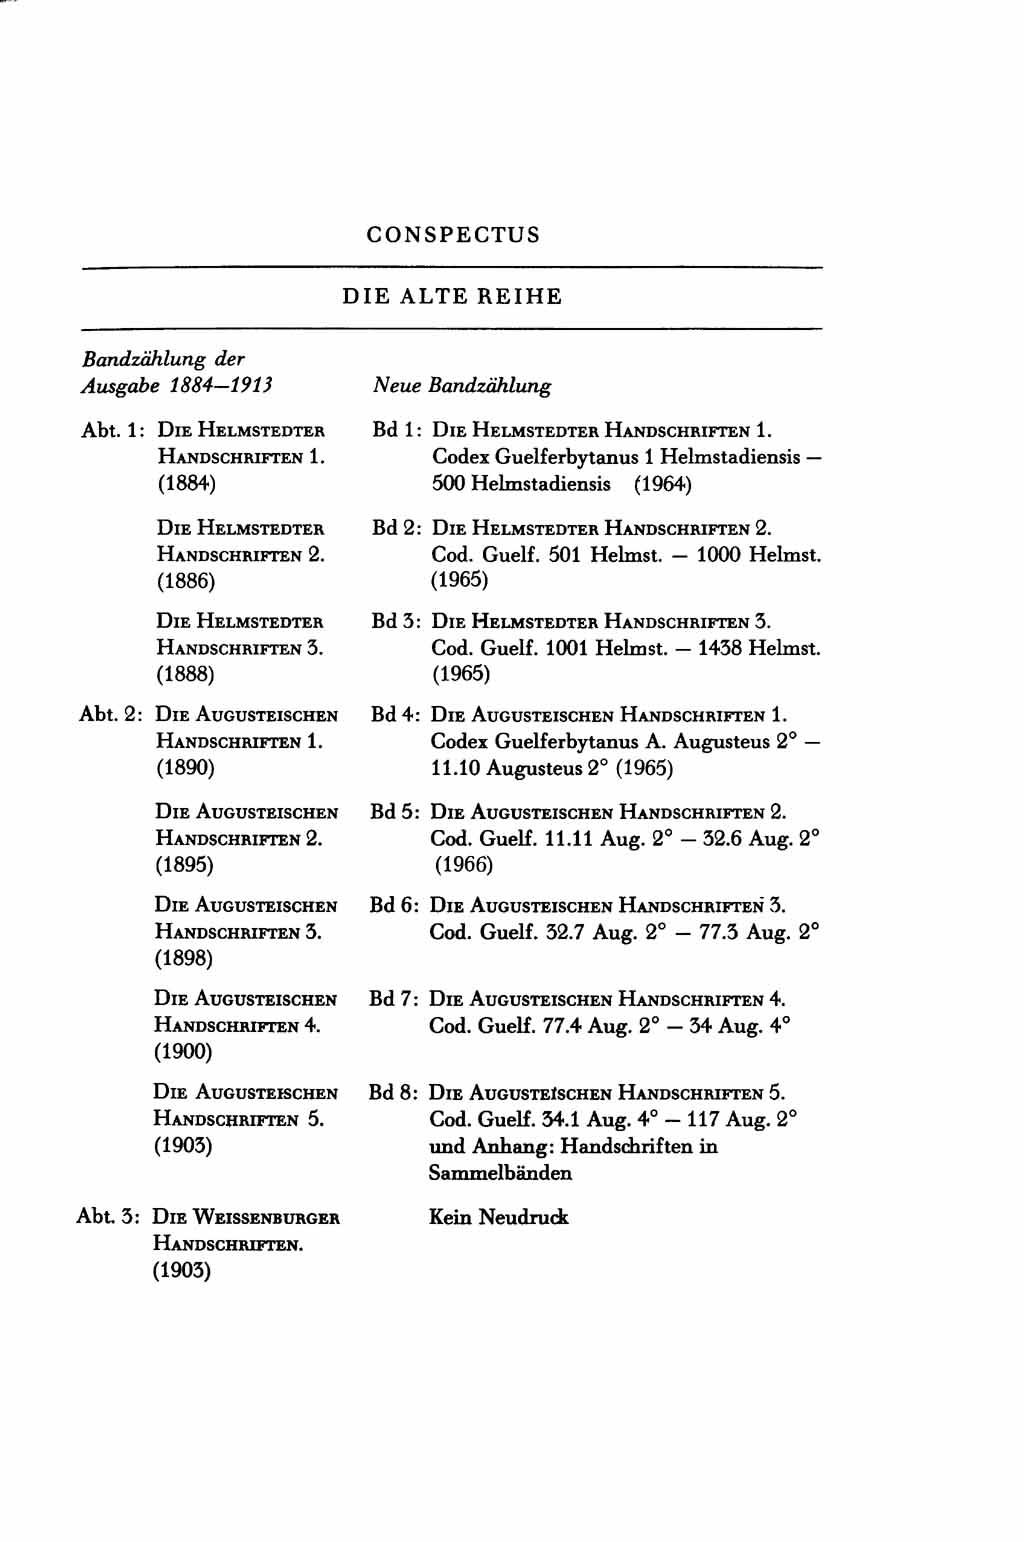 https://diglib.hab.de/drucke/f4f-539-5/00005.jpg